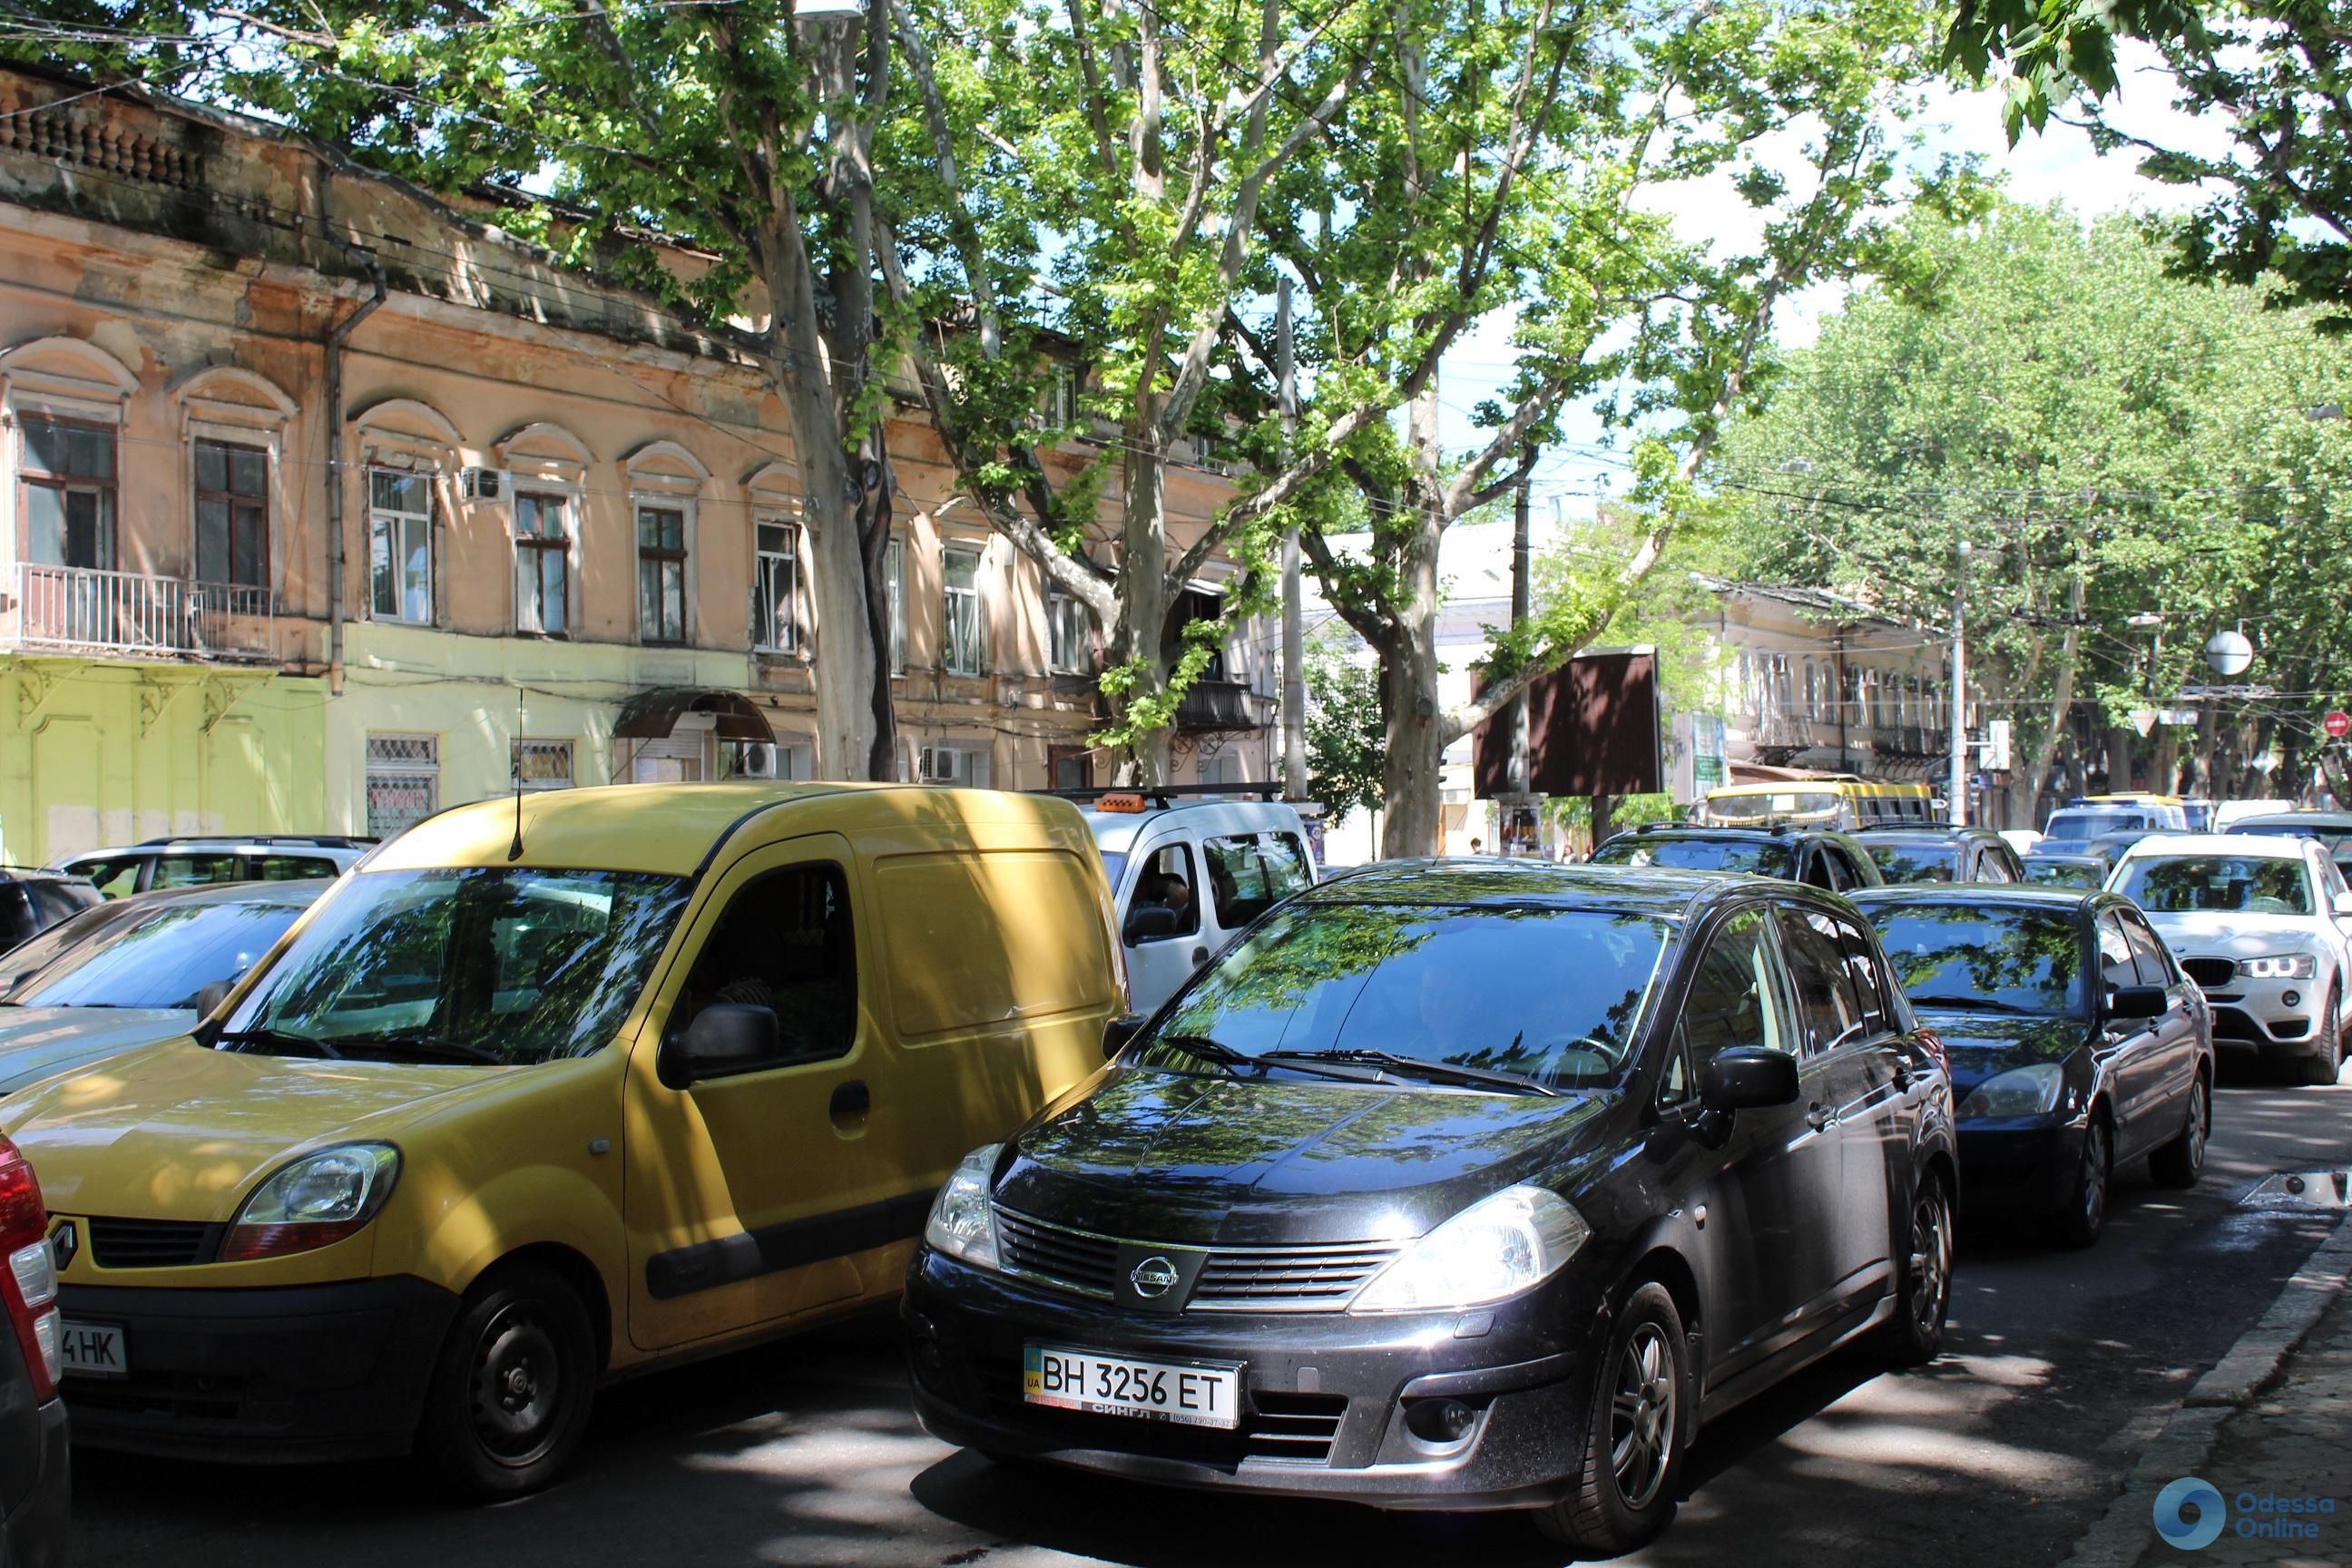 Дорожная ситуация на дорогах Одессы: ДТП и многочисленные пробки